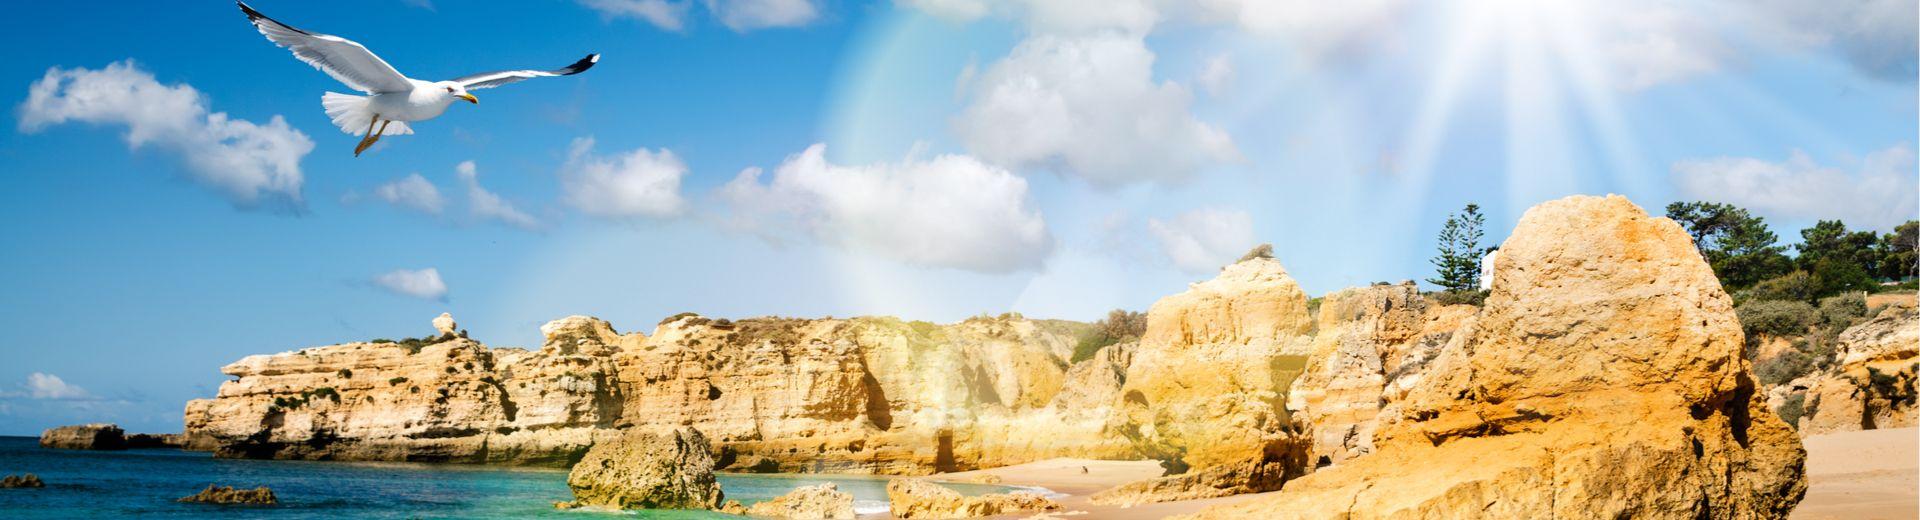 Ländliches Ferienhaus an der Algarve